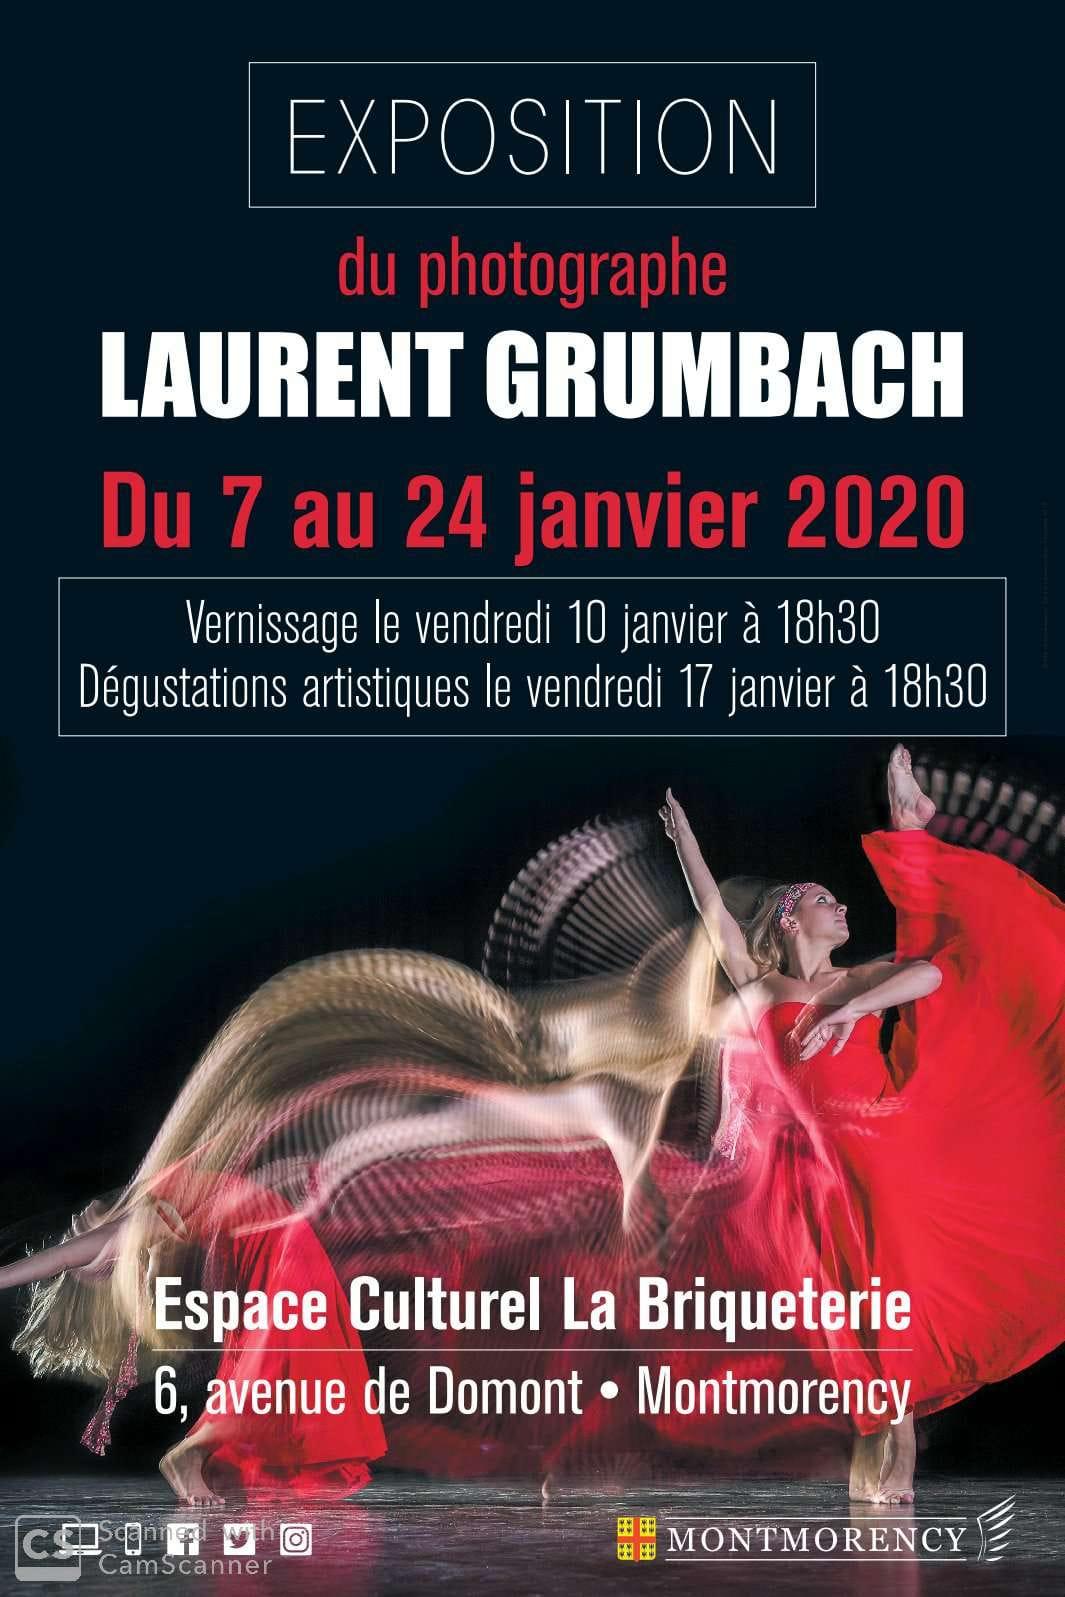 Exposition de Laurent Grumbach